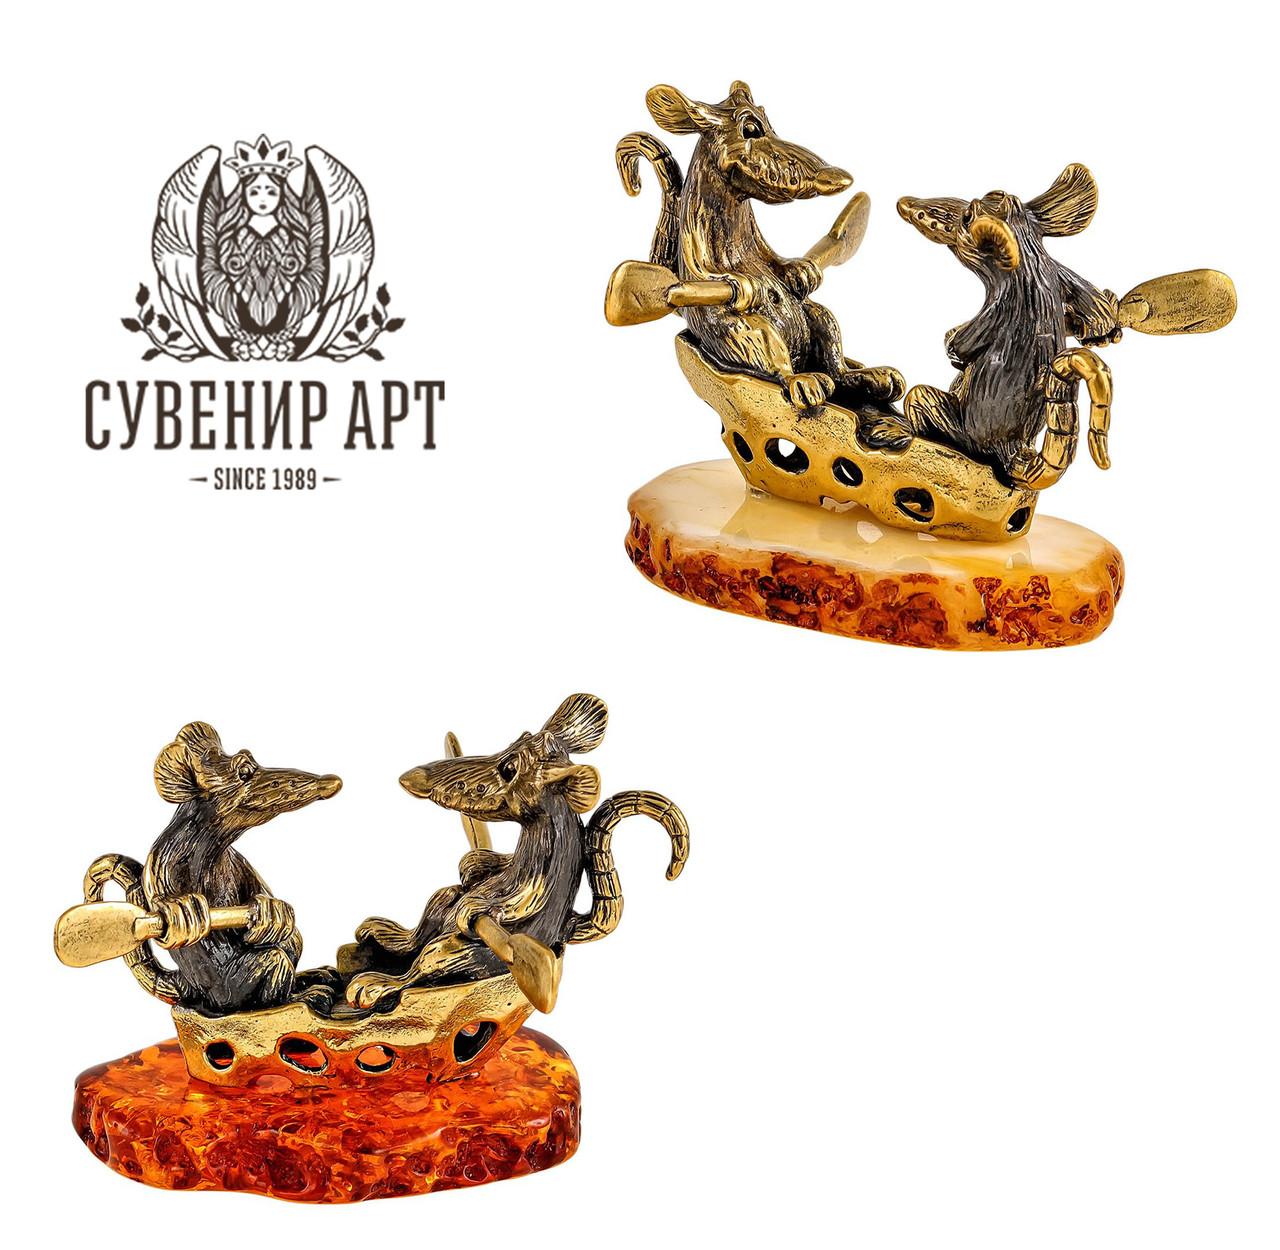 Фигурка Крысы на сырной лодочке. Ручная работа, янтарь